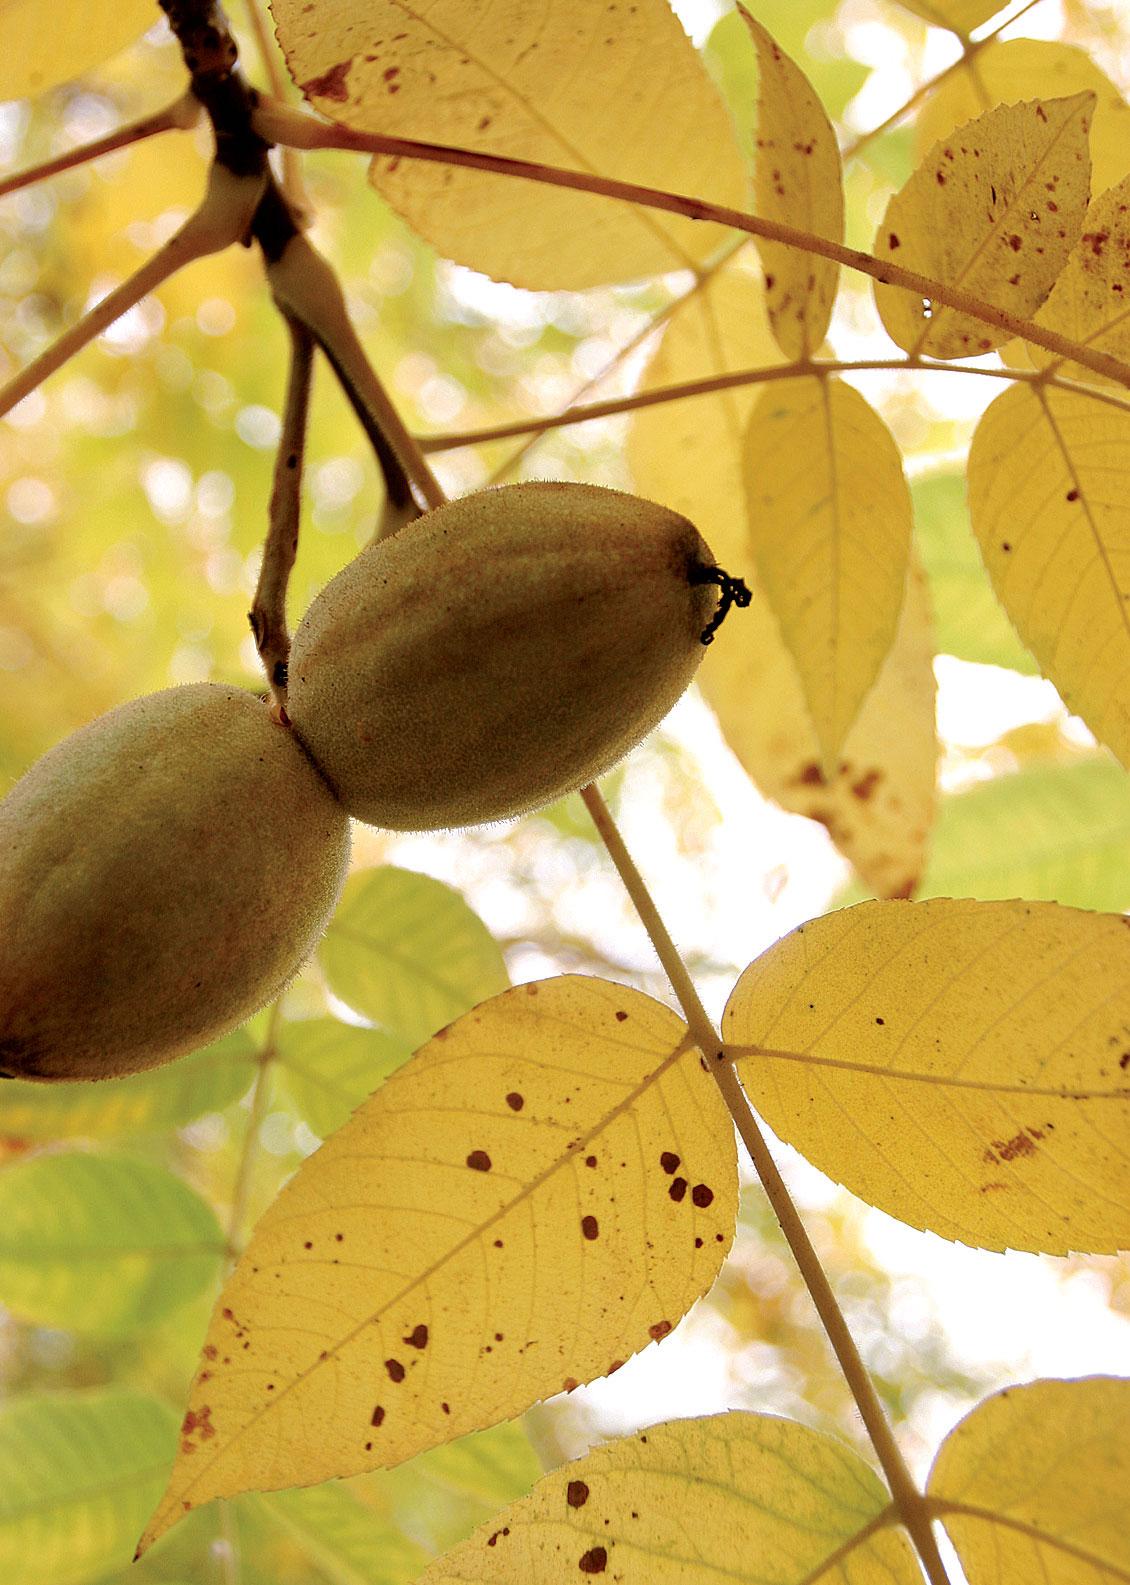 Suureksi kasvava jalopähkinä on vaikuttava kullankeltaisessa syyslehdistössään. Kypsät hedelmät tippuvat maahan ennen talventuloa. Jalopähkinälajit erottaa toisistaan hedelmien harjanteiden lukumäärän perusteella.